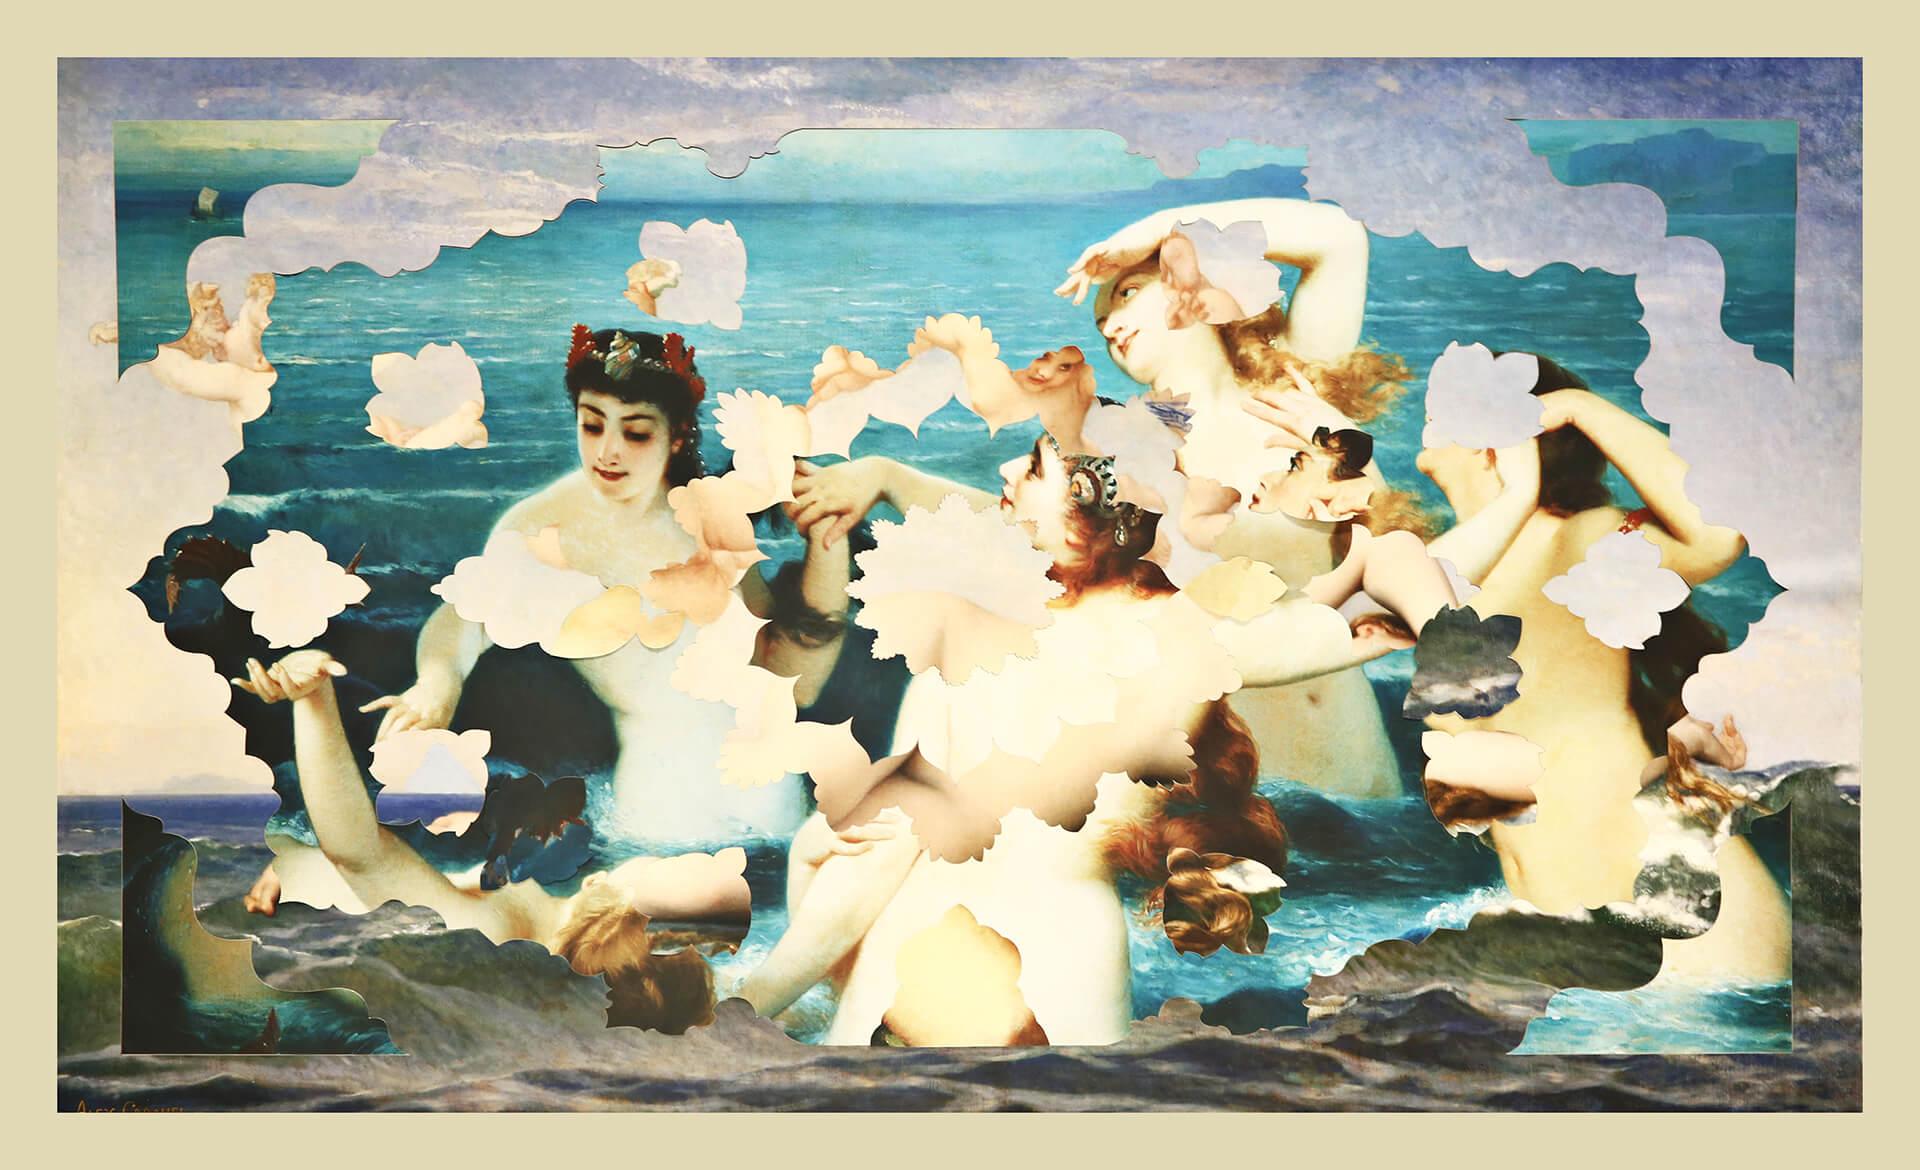 """Zoulikha Bouabdellah, """"Nues envers endroit – baigneuses""""CollagePosters découpés au laser,75 x 130 cm,2014.Courtesy de l'artiste"""